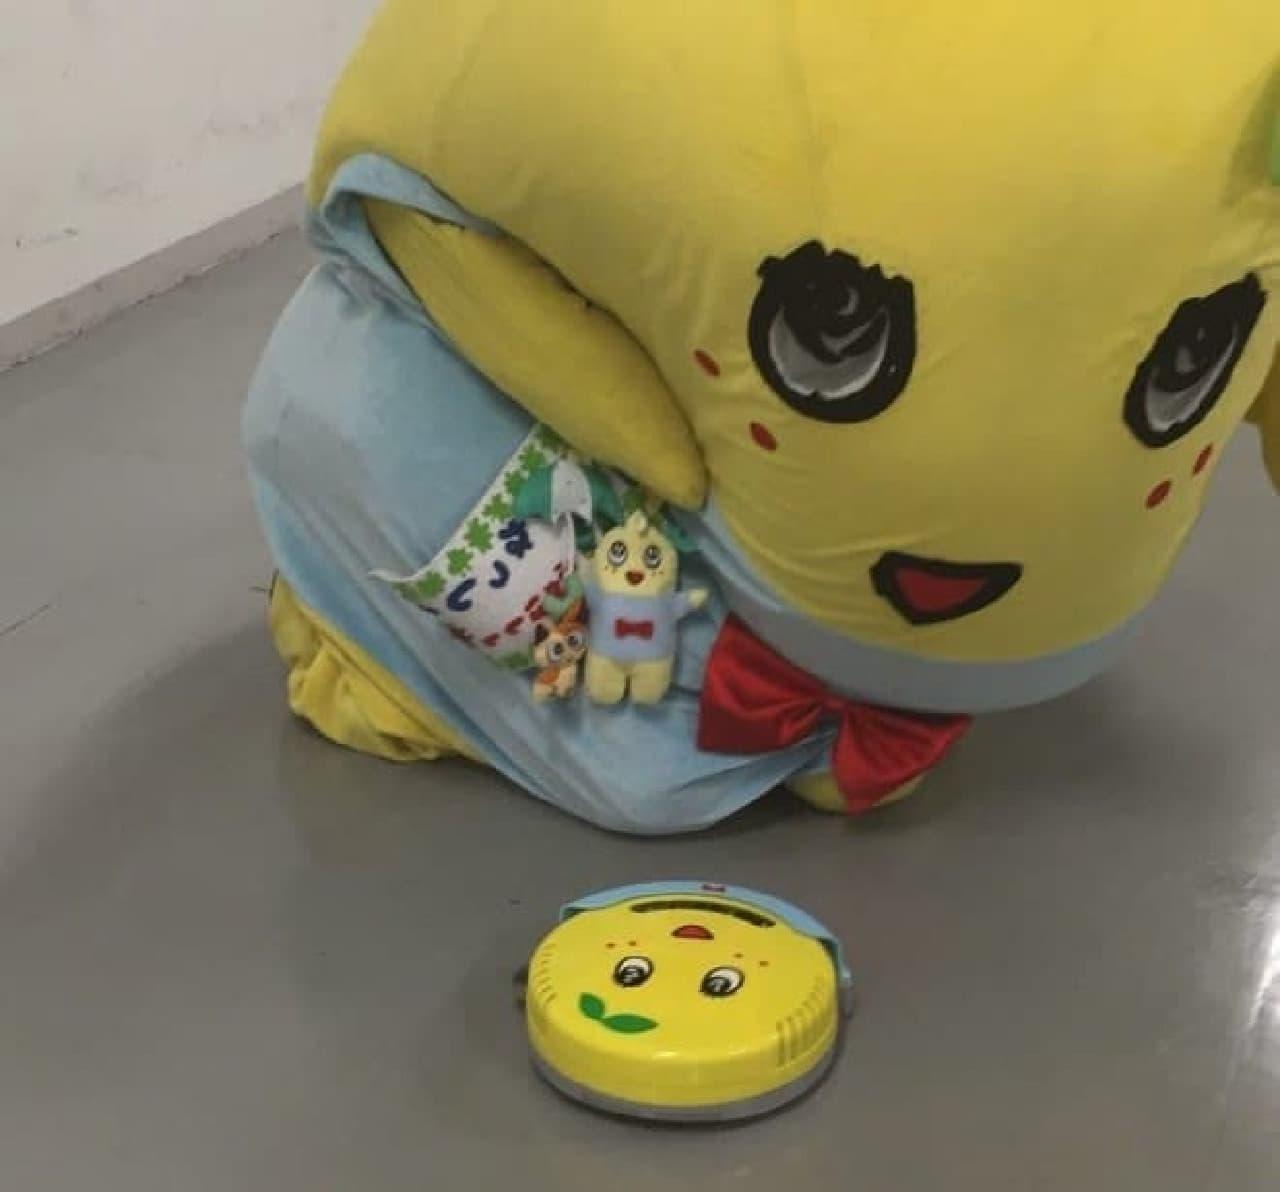 「まさかの商品化なっしな~!日テレサービス攻めるなっしなー!」(by ふなっしー)